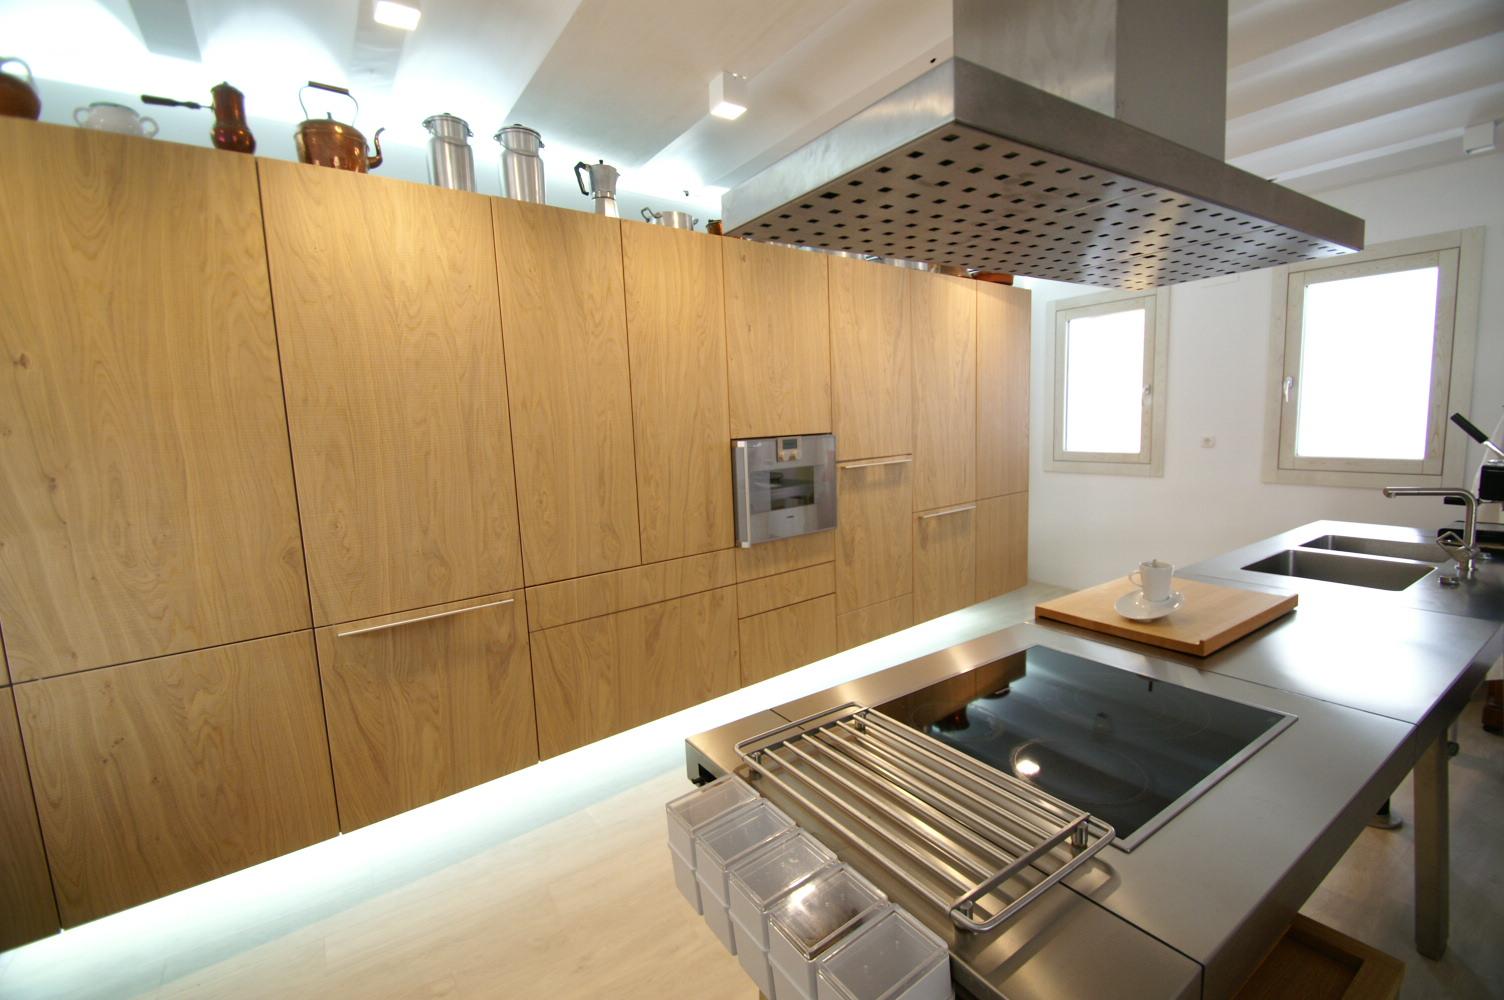 Mueble de cocina suspendido